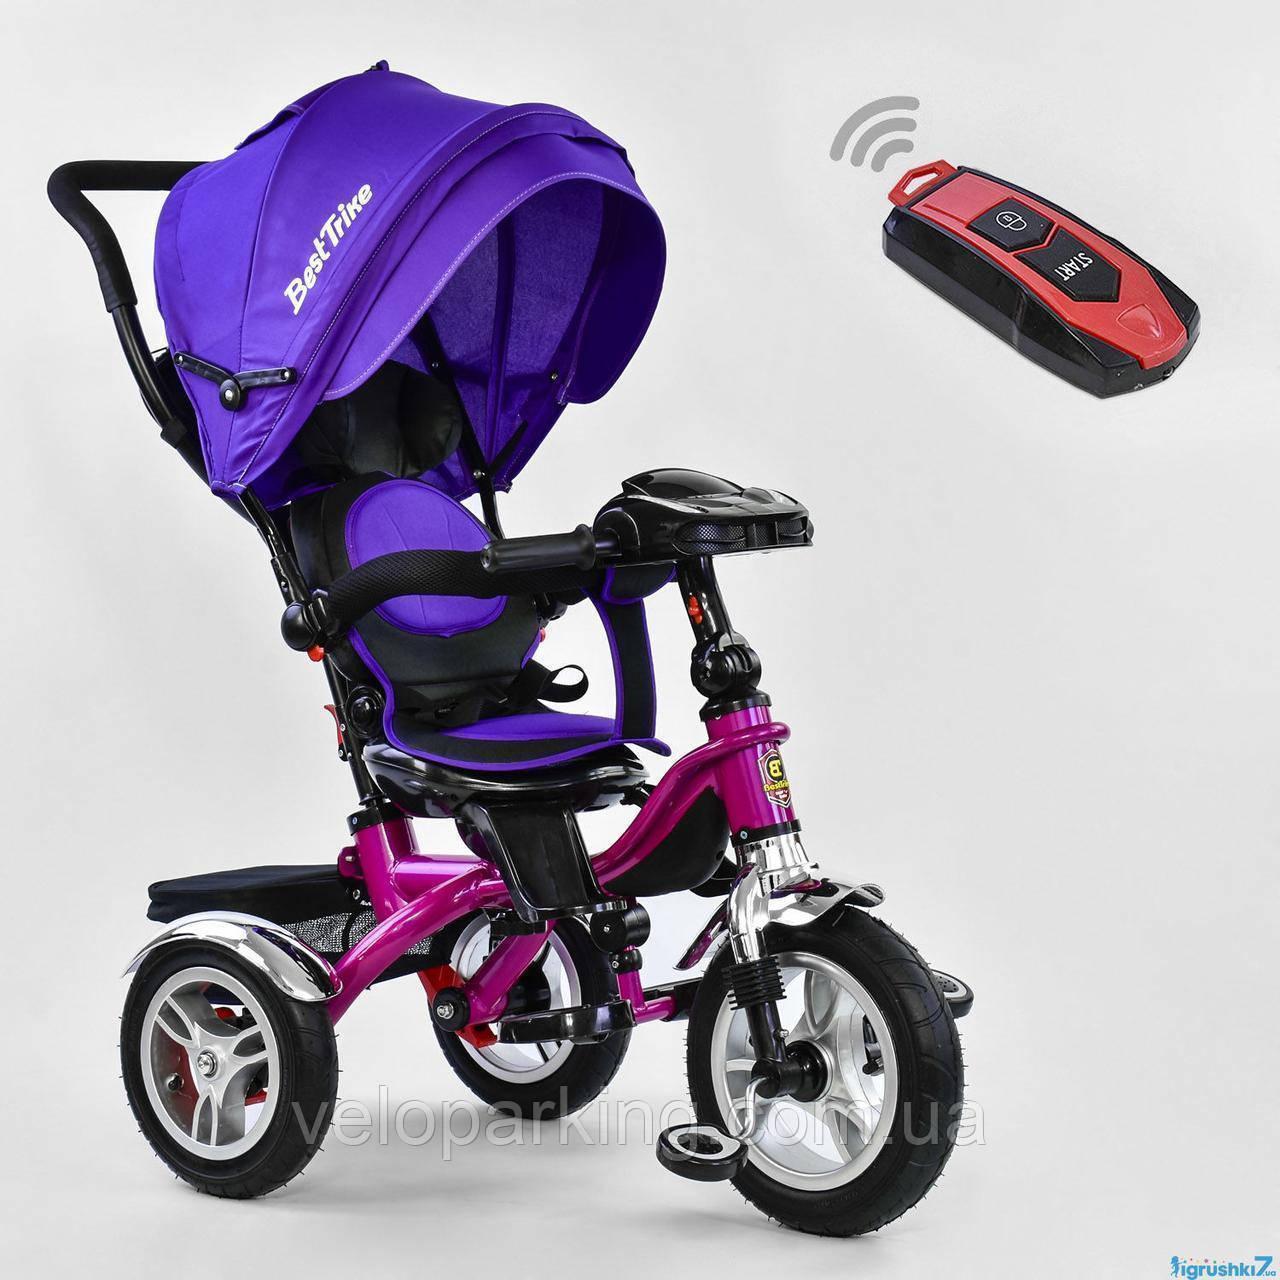 Трехколесный детский велосипед Best Trike  5890 (2019) (надувные колеса & пульт света & поворотное сидение)